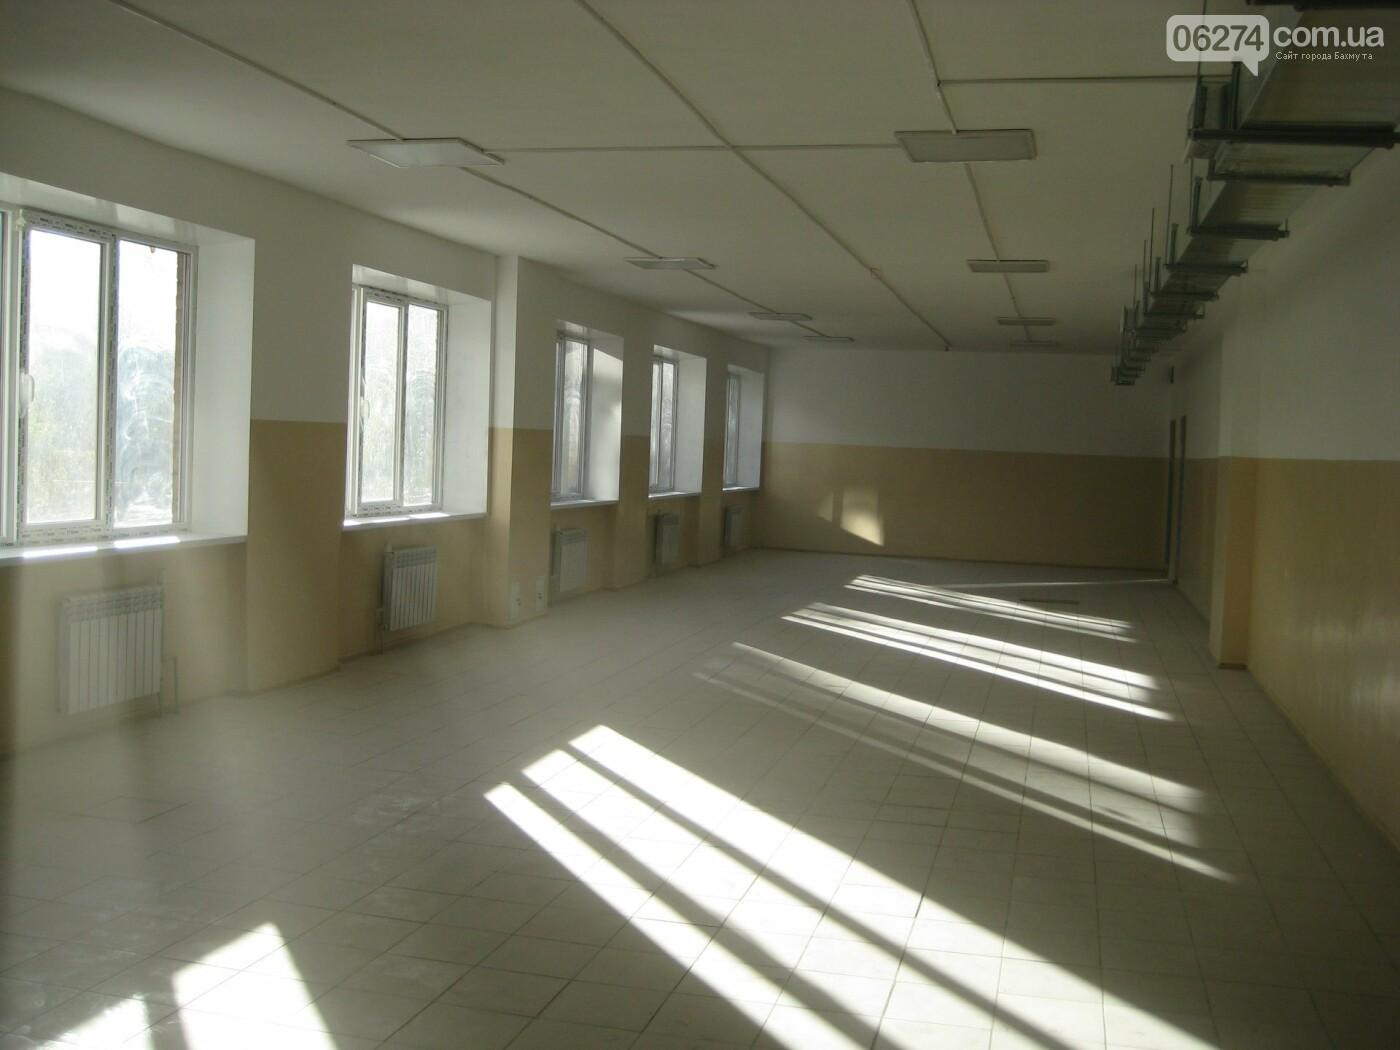 В Бахмутском управлении образования рассказали о ходе работ в 11-й и 12-й школах, фото-18